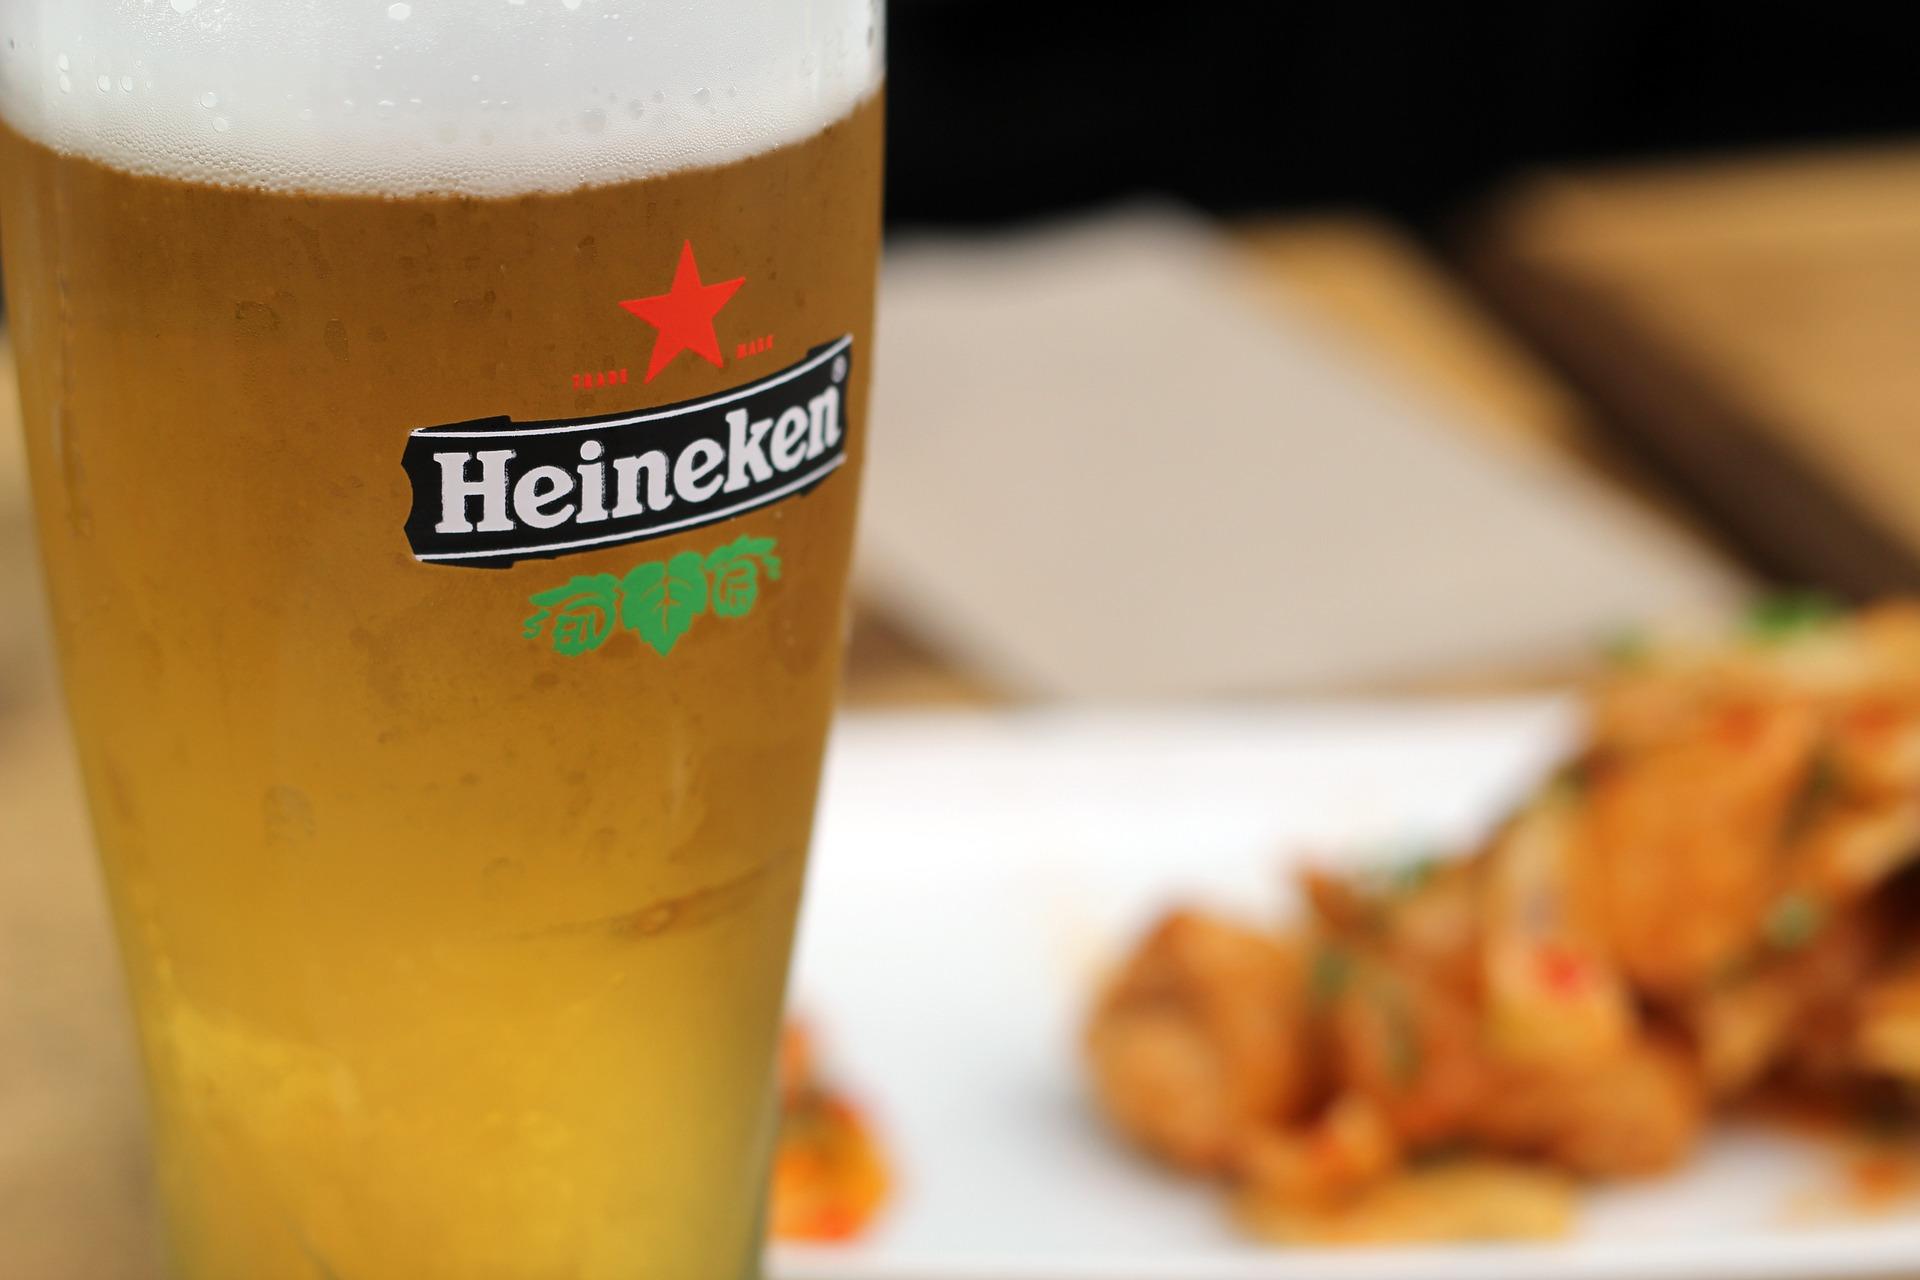 Heineken Champions Voyage Campaign ends on Mykonos Island